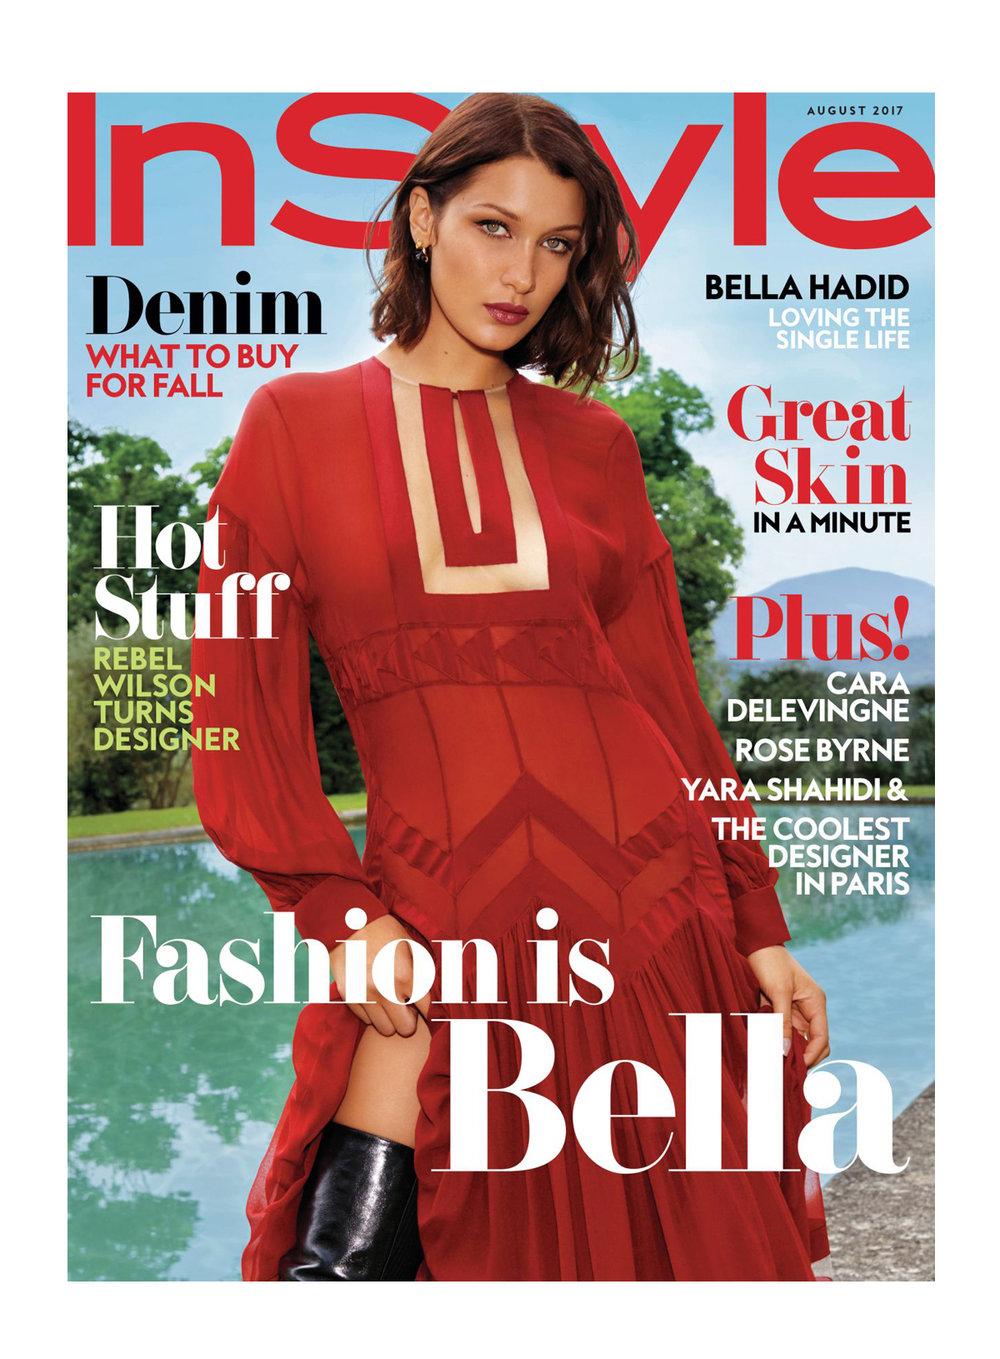 Nataf-Joaillerie-Instyle-Magazine-Bella-Hadid-2017-1